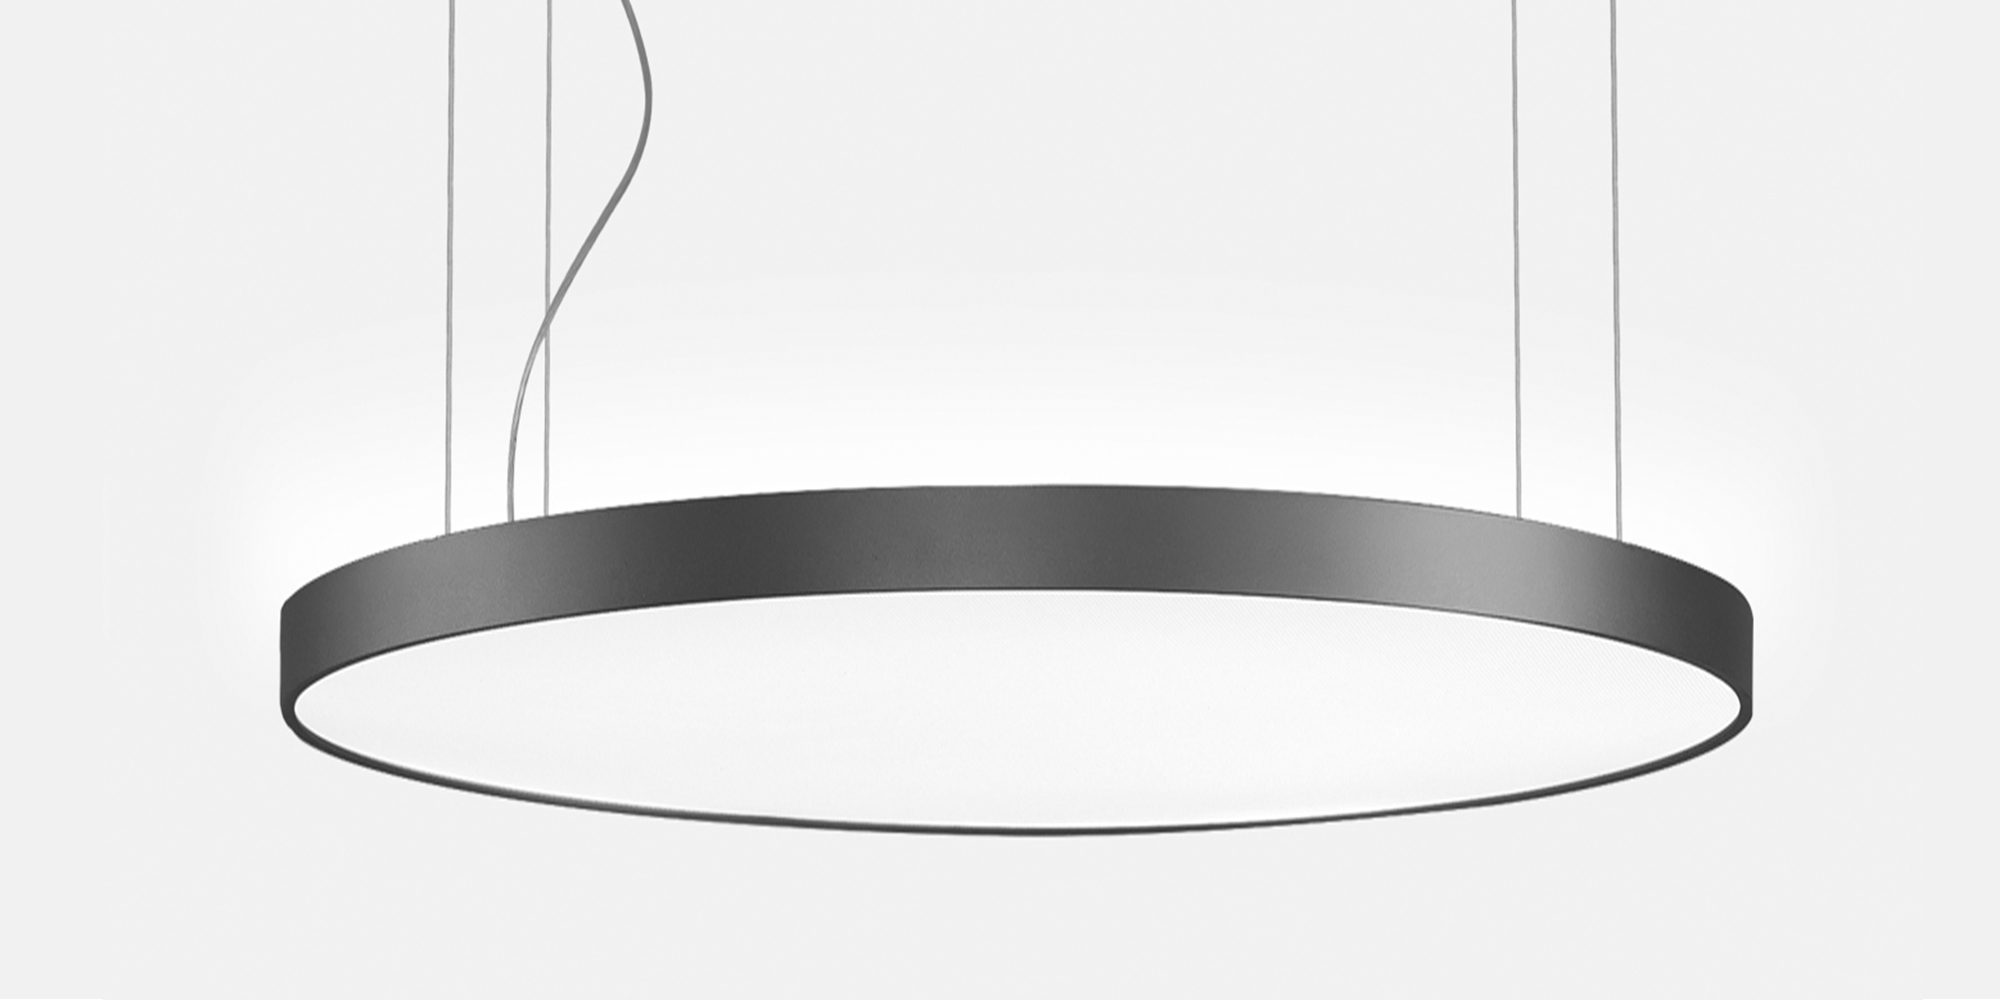 Runde Basic Pendelleuchte die an Seilabhängungen hängt.